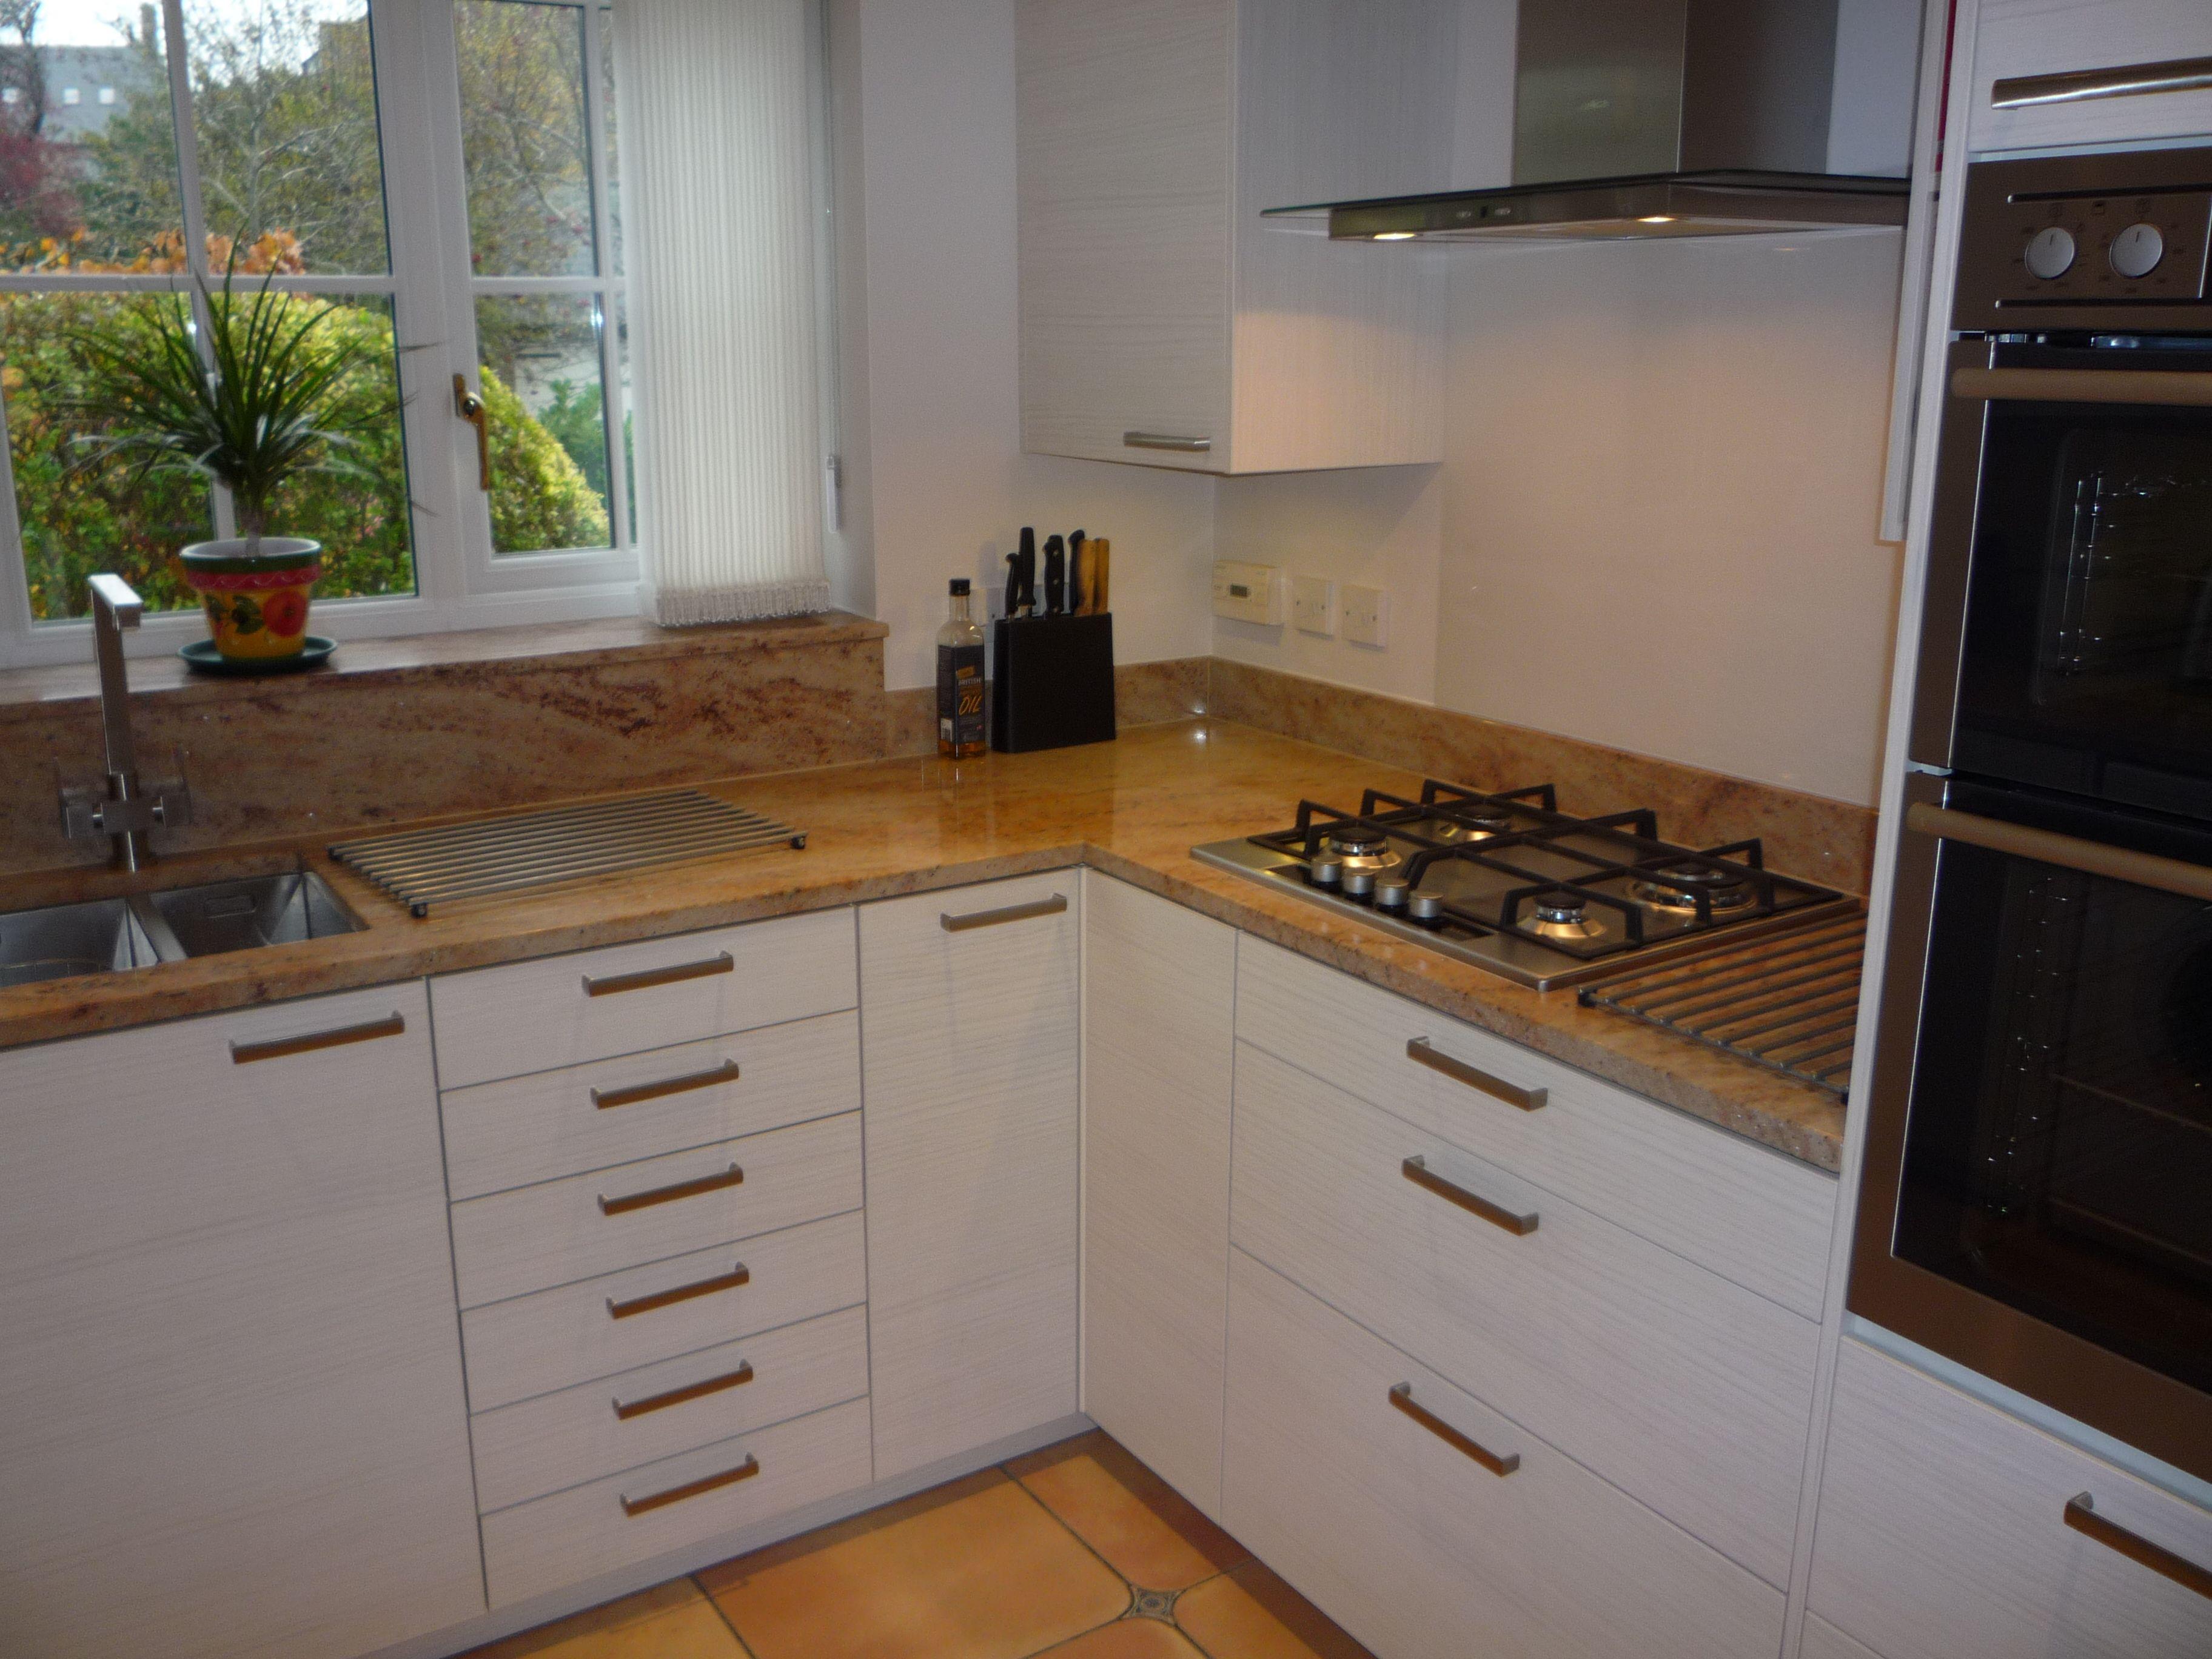 Hacker Systemat Kitchen In White Pine With Granite Worktops